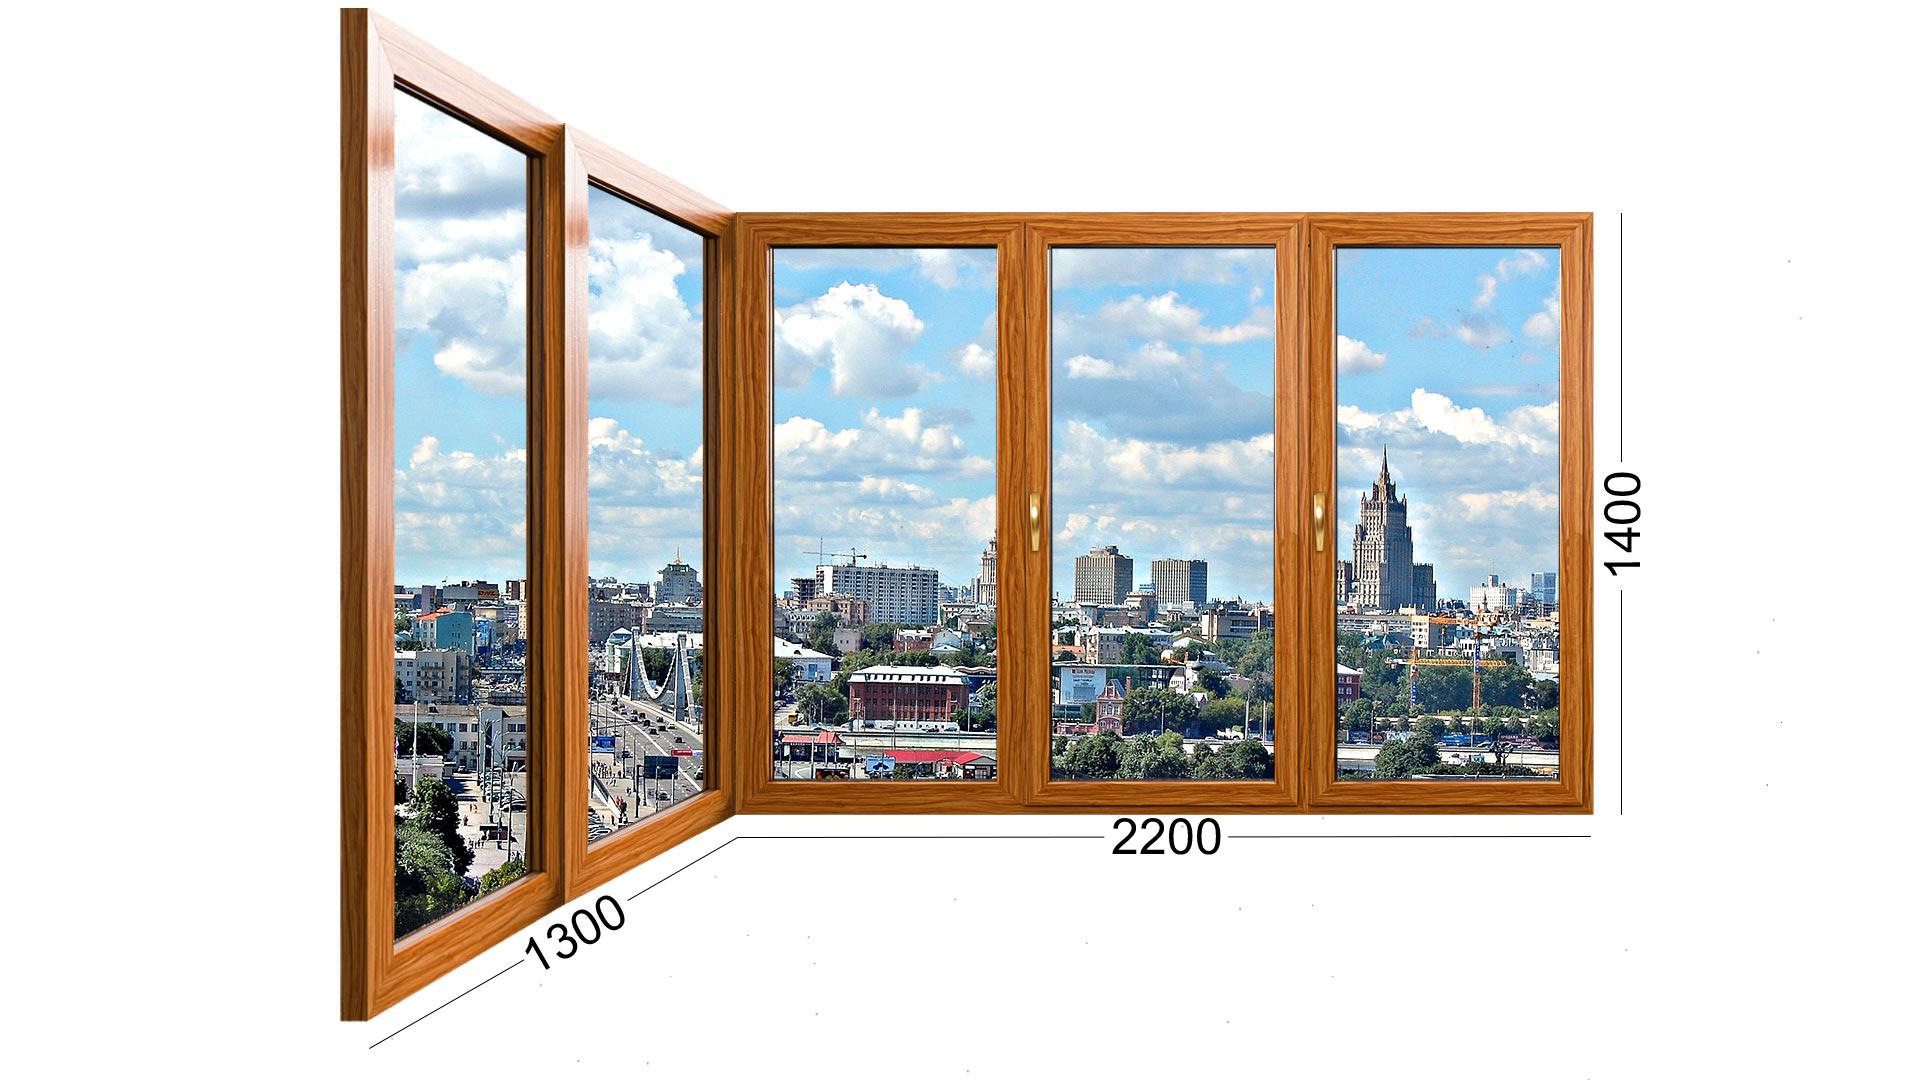 Конструкция окна лоджии в доме серии И-155 деревянное окно, как застеклить и сделать теплым?